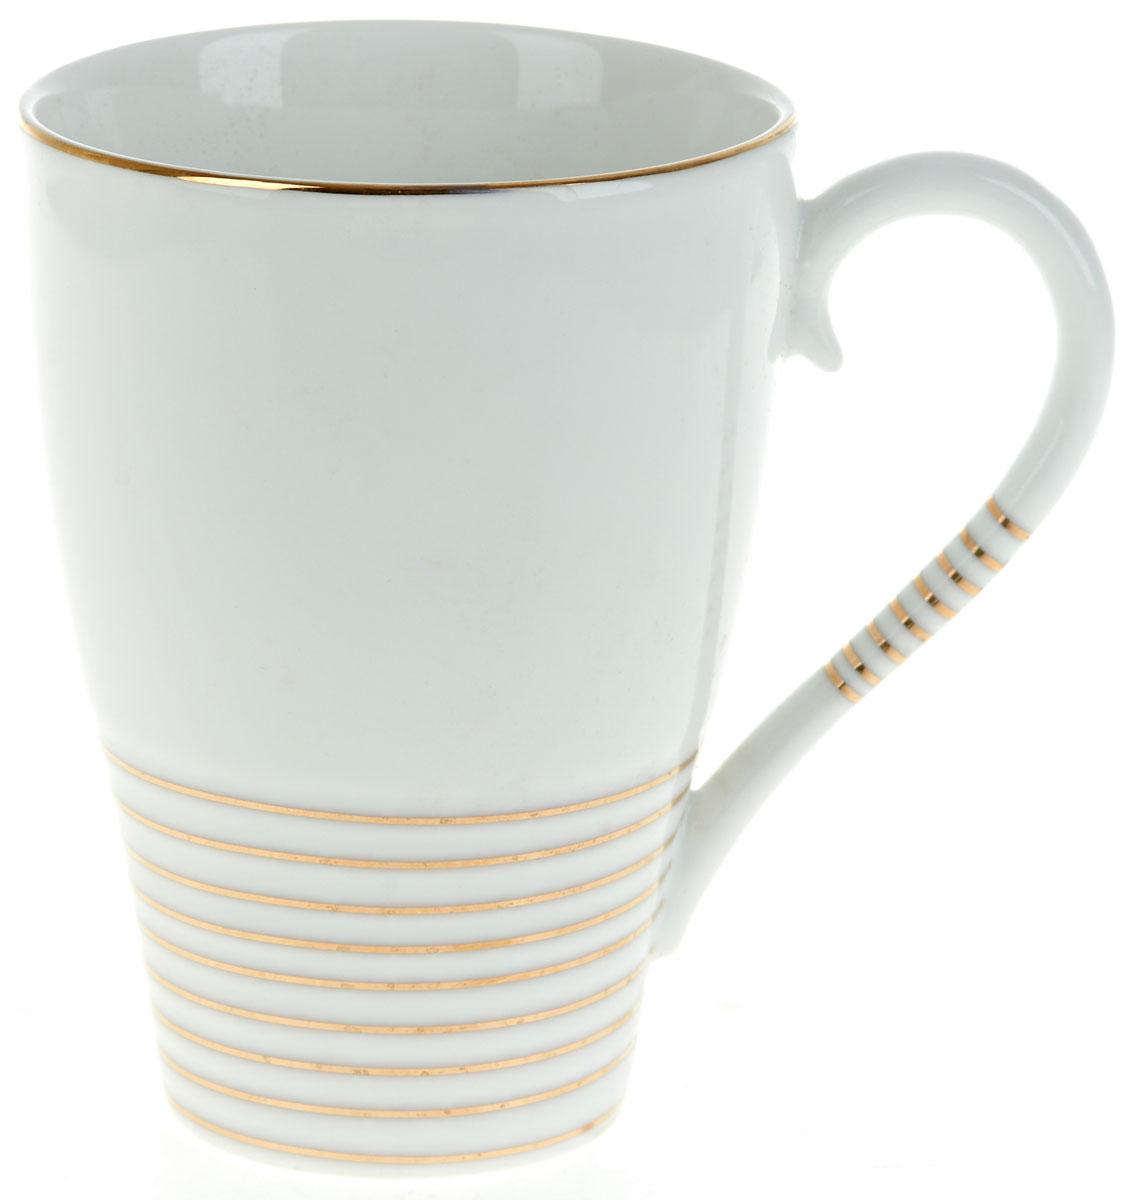 Кружка BHP Грация, 430 млM1490111Оригинальная кружка Best Home Porcelain, выполненная из высококачественного фарфора, сочетает в себе простой, утонченный дизайн с максимальной функциональностью. Оригинальность оформления придется по вкусу тем, кто ценит индивидуальность.Можно использовать в посудомоечной машине.